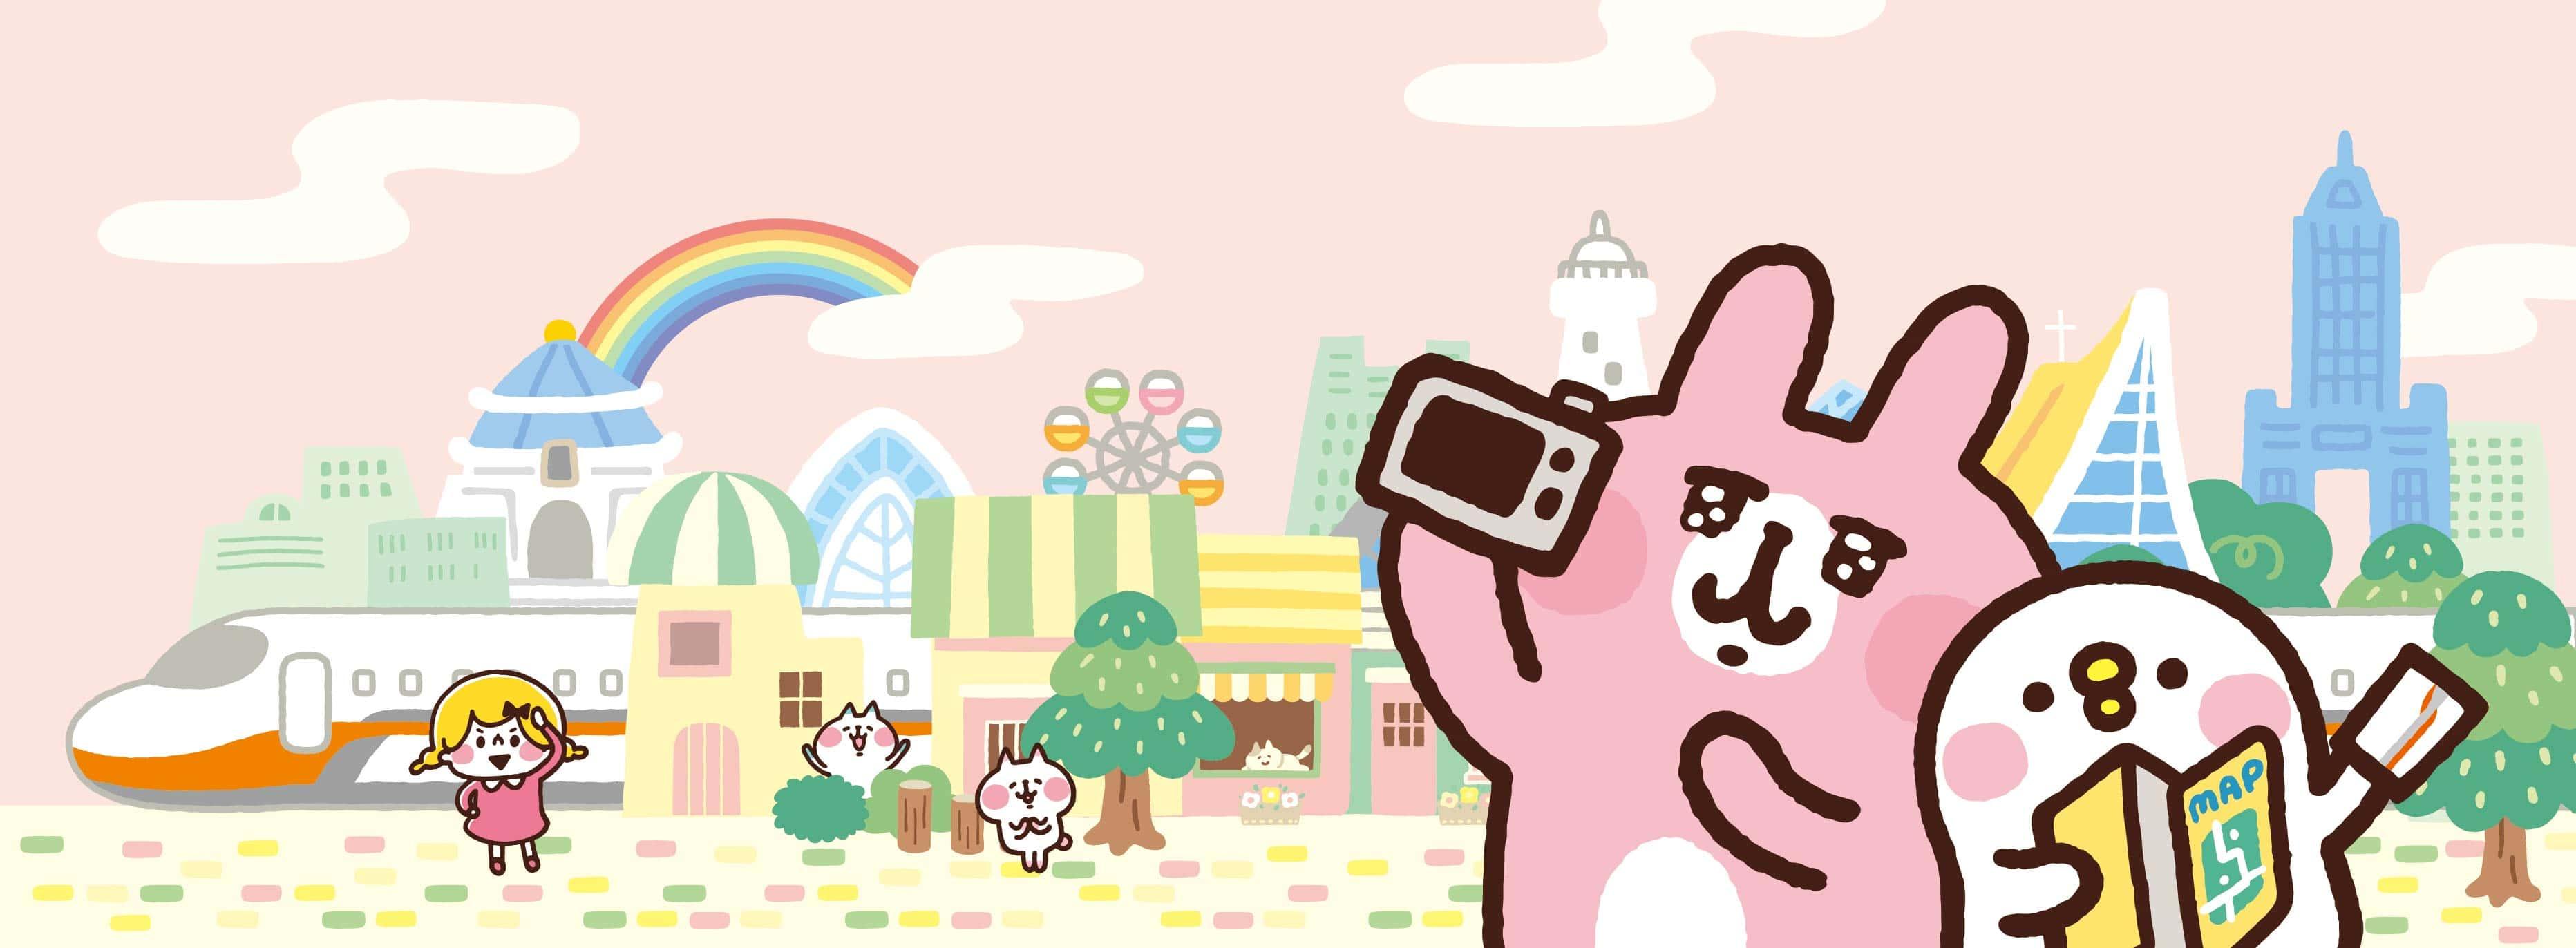 台高鐵與卡娜赫拉的小動物主視覺 2